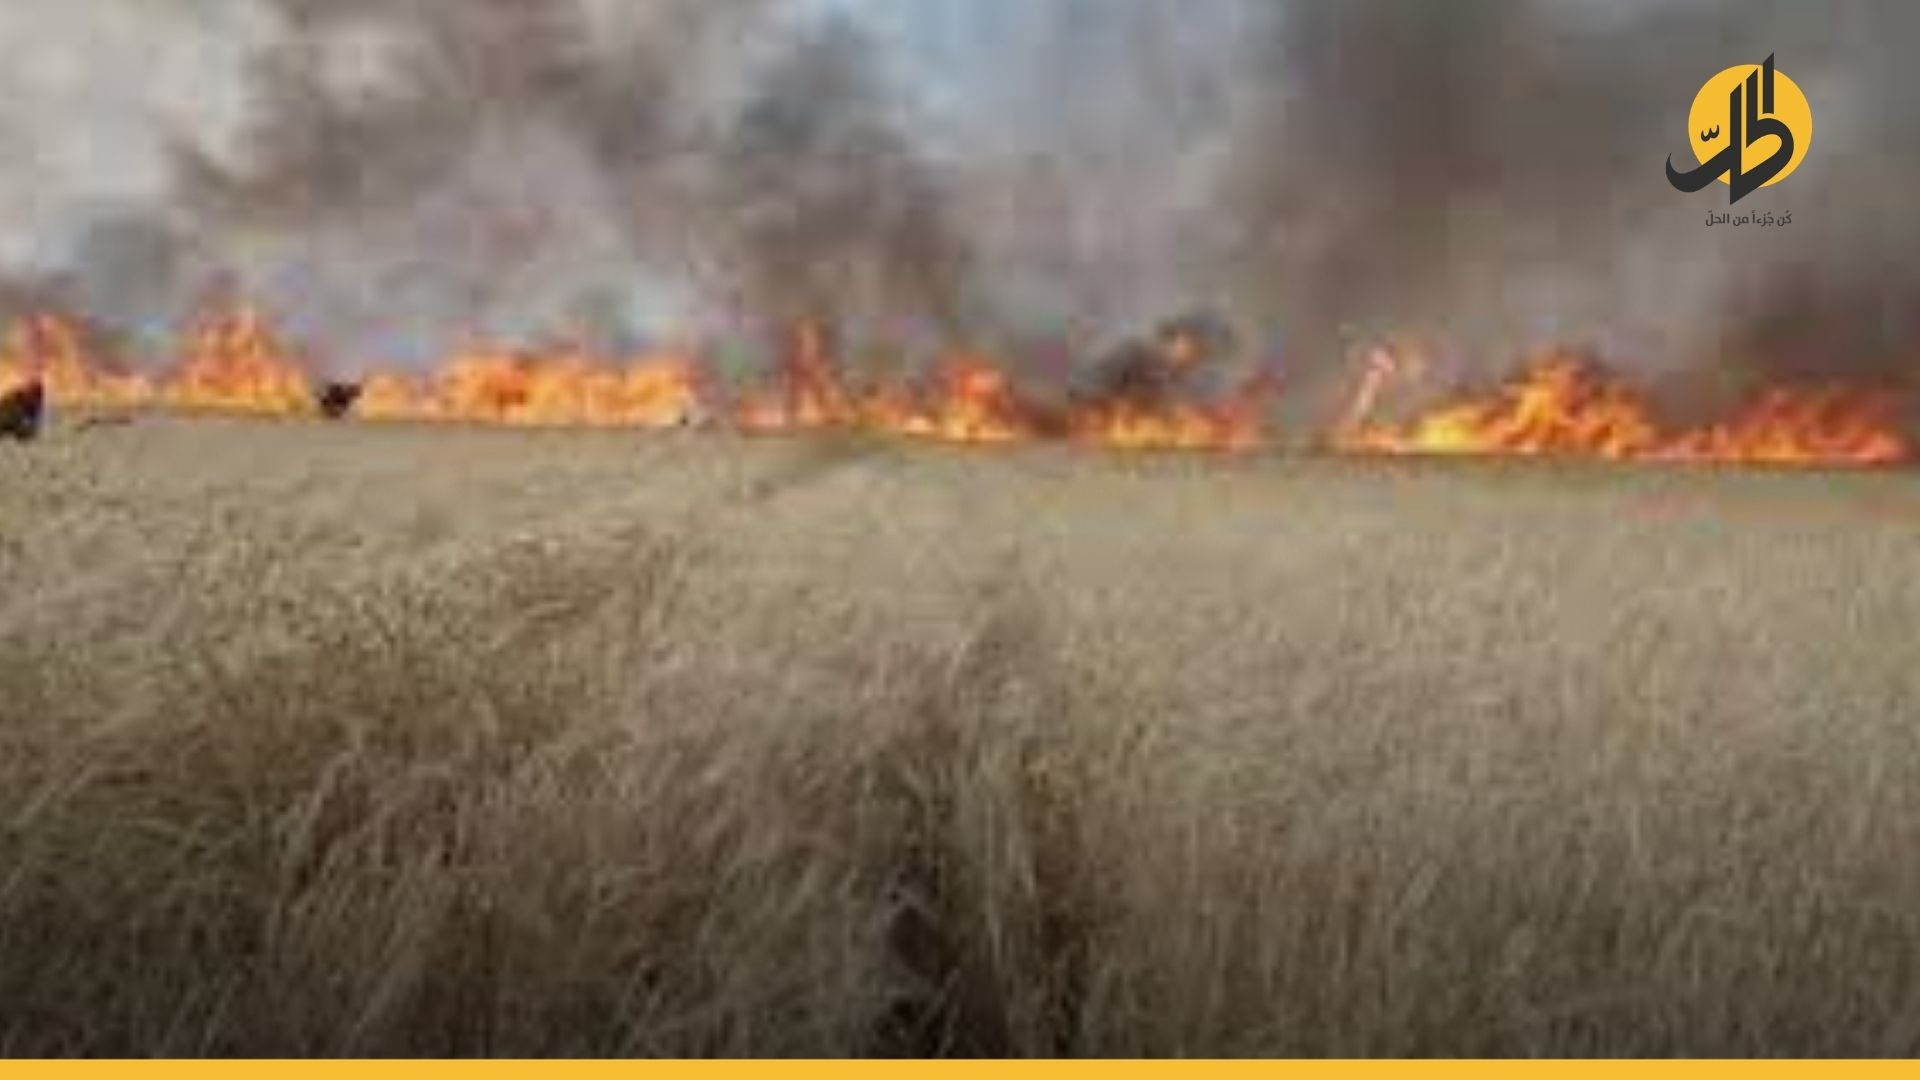 النيران تلتهم أكثر من 74 أرض زراعية وحراجية في طرطوس